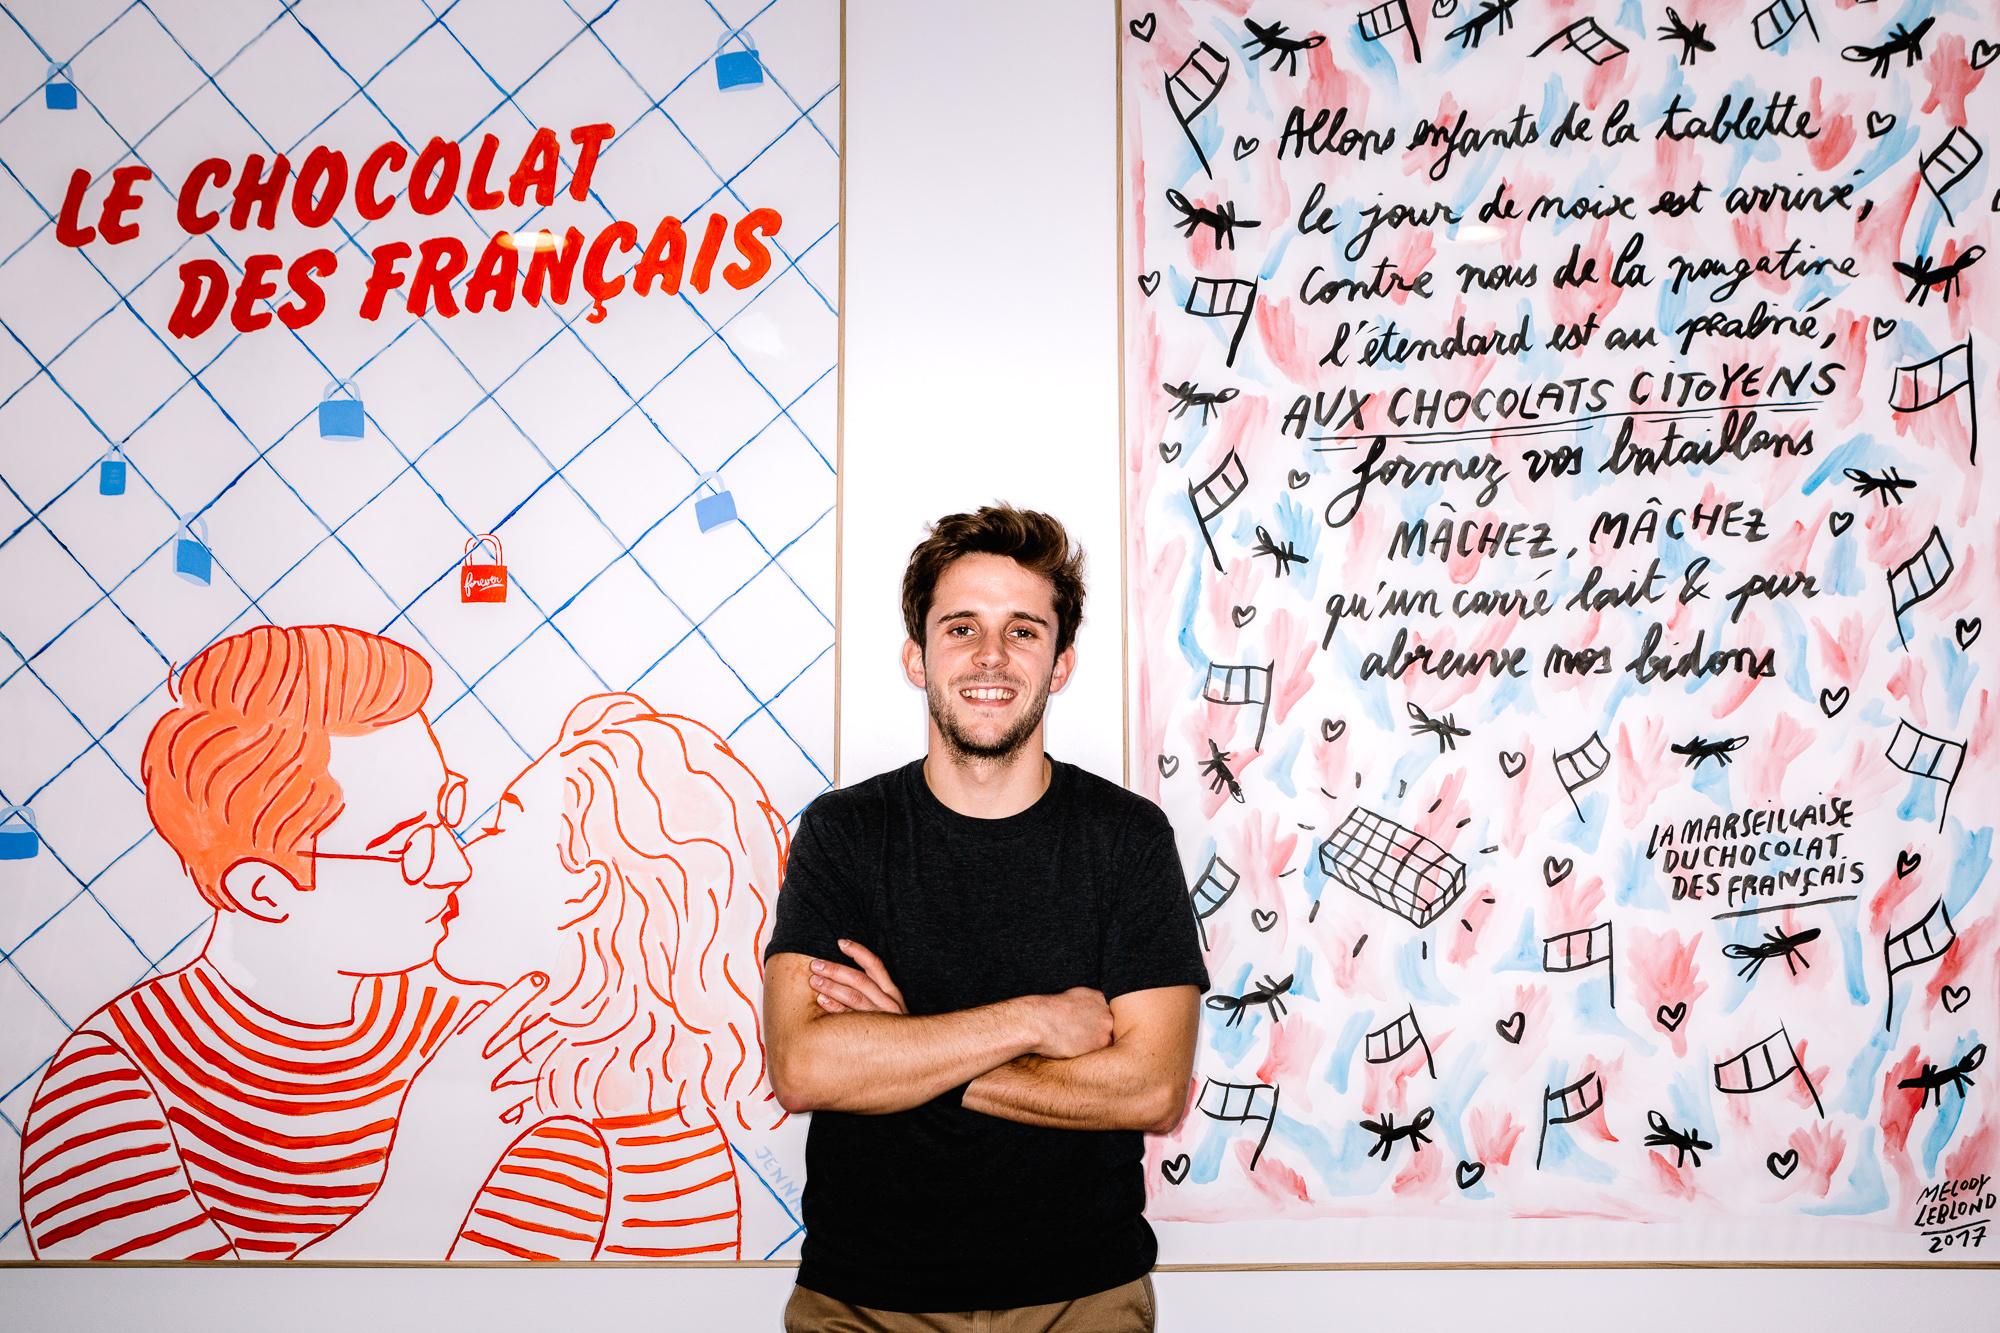 Vincent Muraire du Chocolat des Français devant un grand poster Le Chocolat des Français et un autre qui parodie Les paroles de la Marseillaise en parlant de chocolat